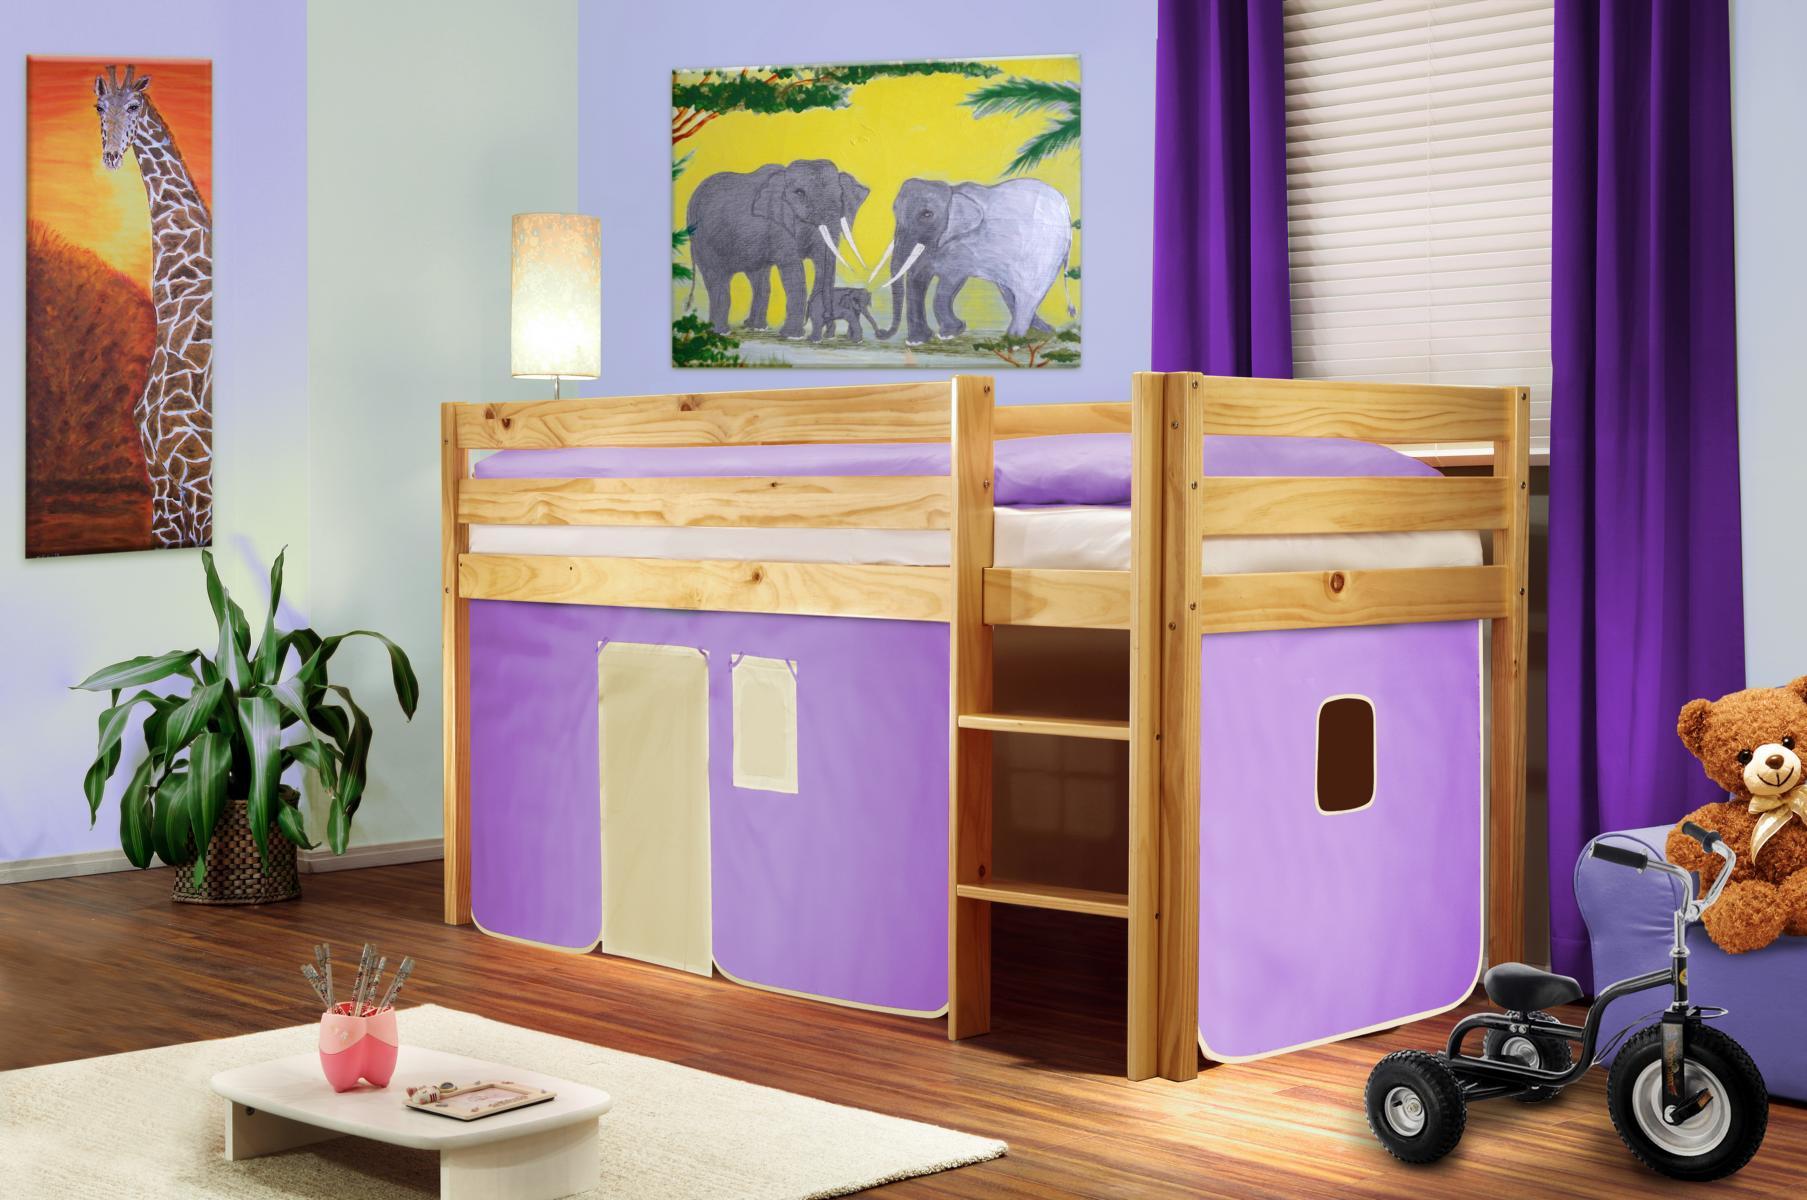 Lit sur lev lit d 39 enfant rideau violet beige pin naturel shb 10 sixbros - Rideau pour lit sureleve ...